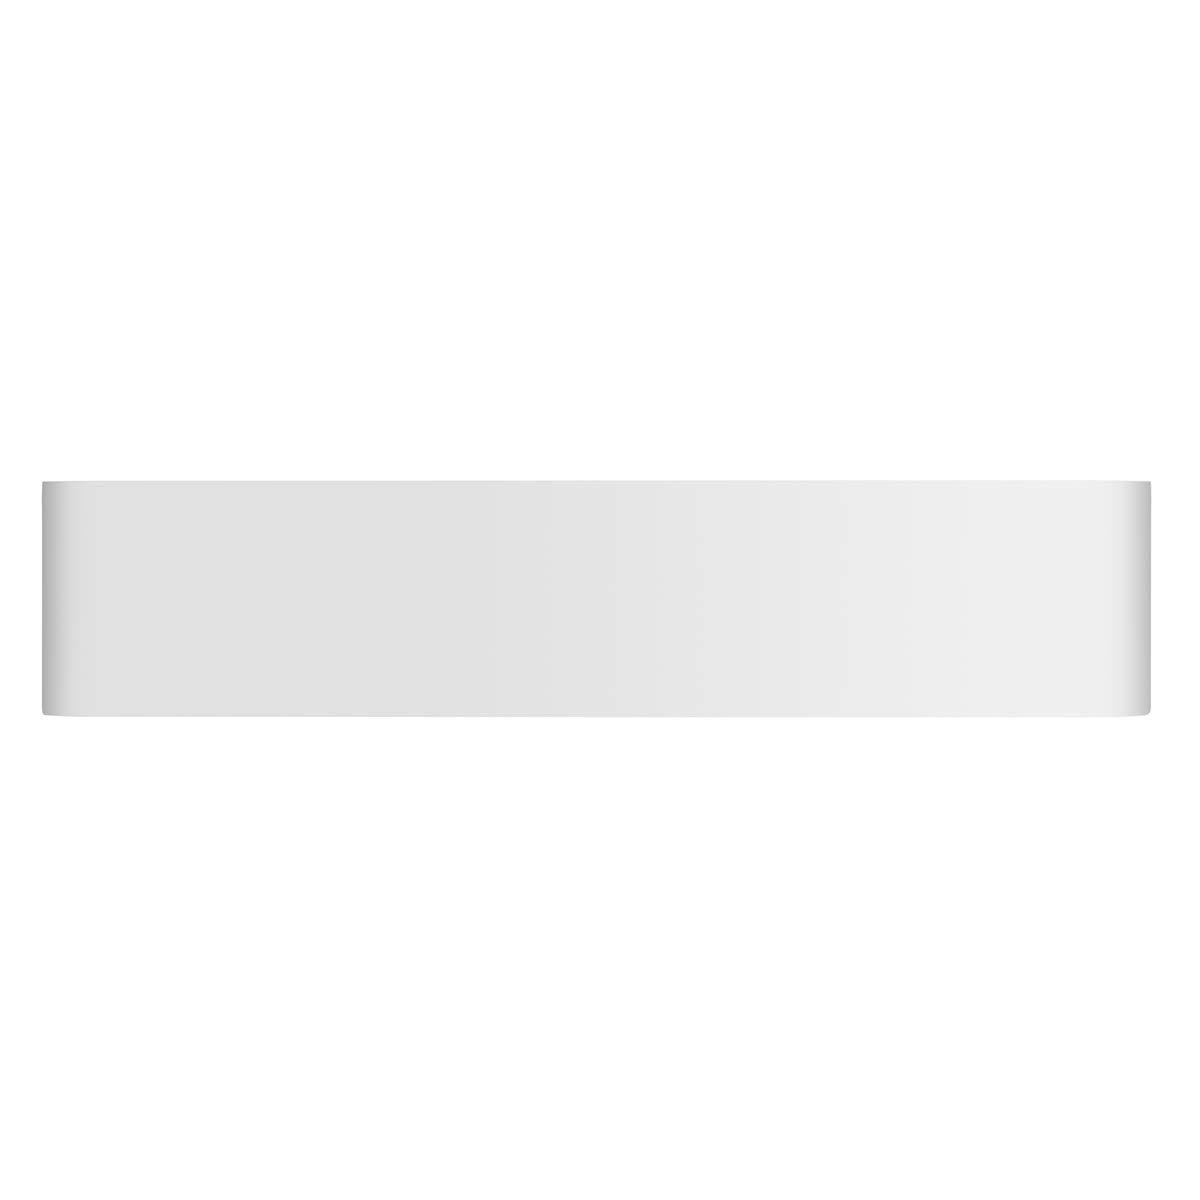 Applique Murale LED Kimjo, 14W Blanc Chaud 2700K Up Down Murale Moderne Lampe Interieur 1500lm 180° Angle de Faisceau, IP44 Imperméable Lampe de Chevet Escaliers Salle de Bains Non Réglable [Classe énergétique A+]